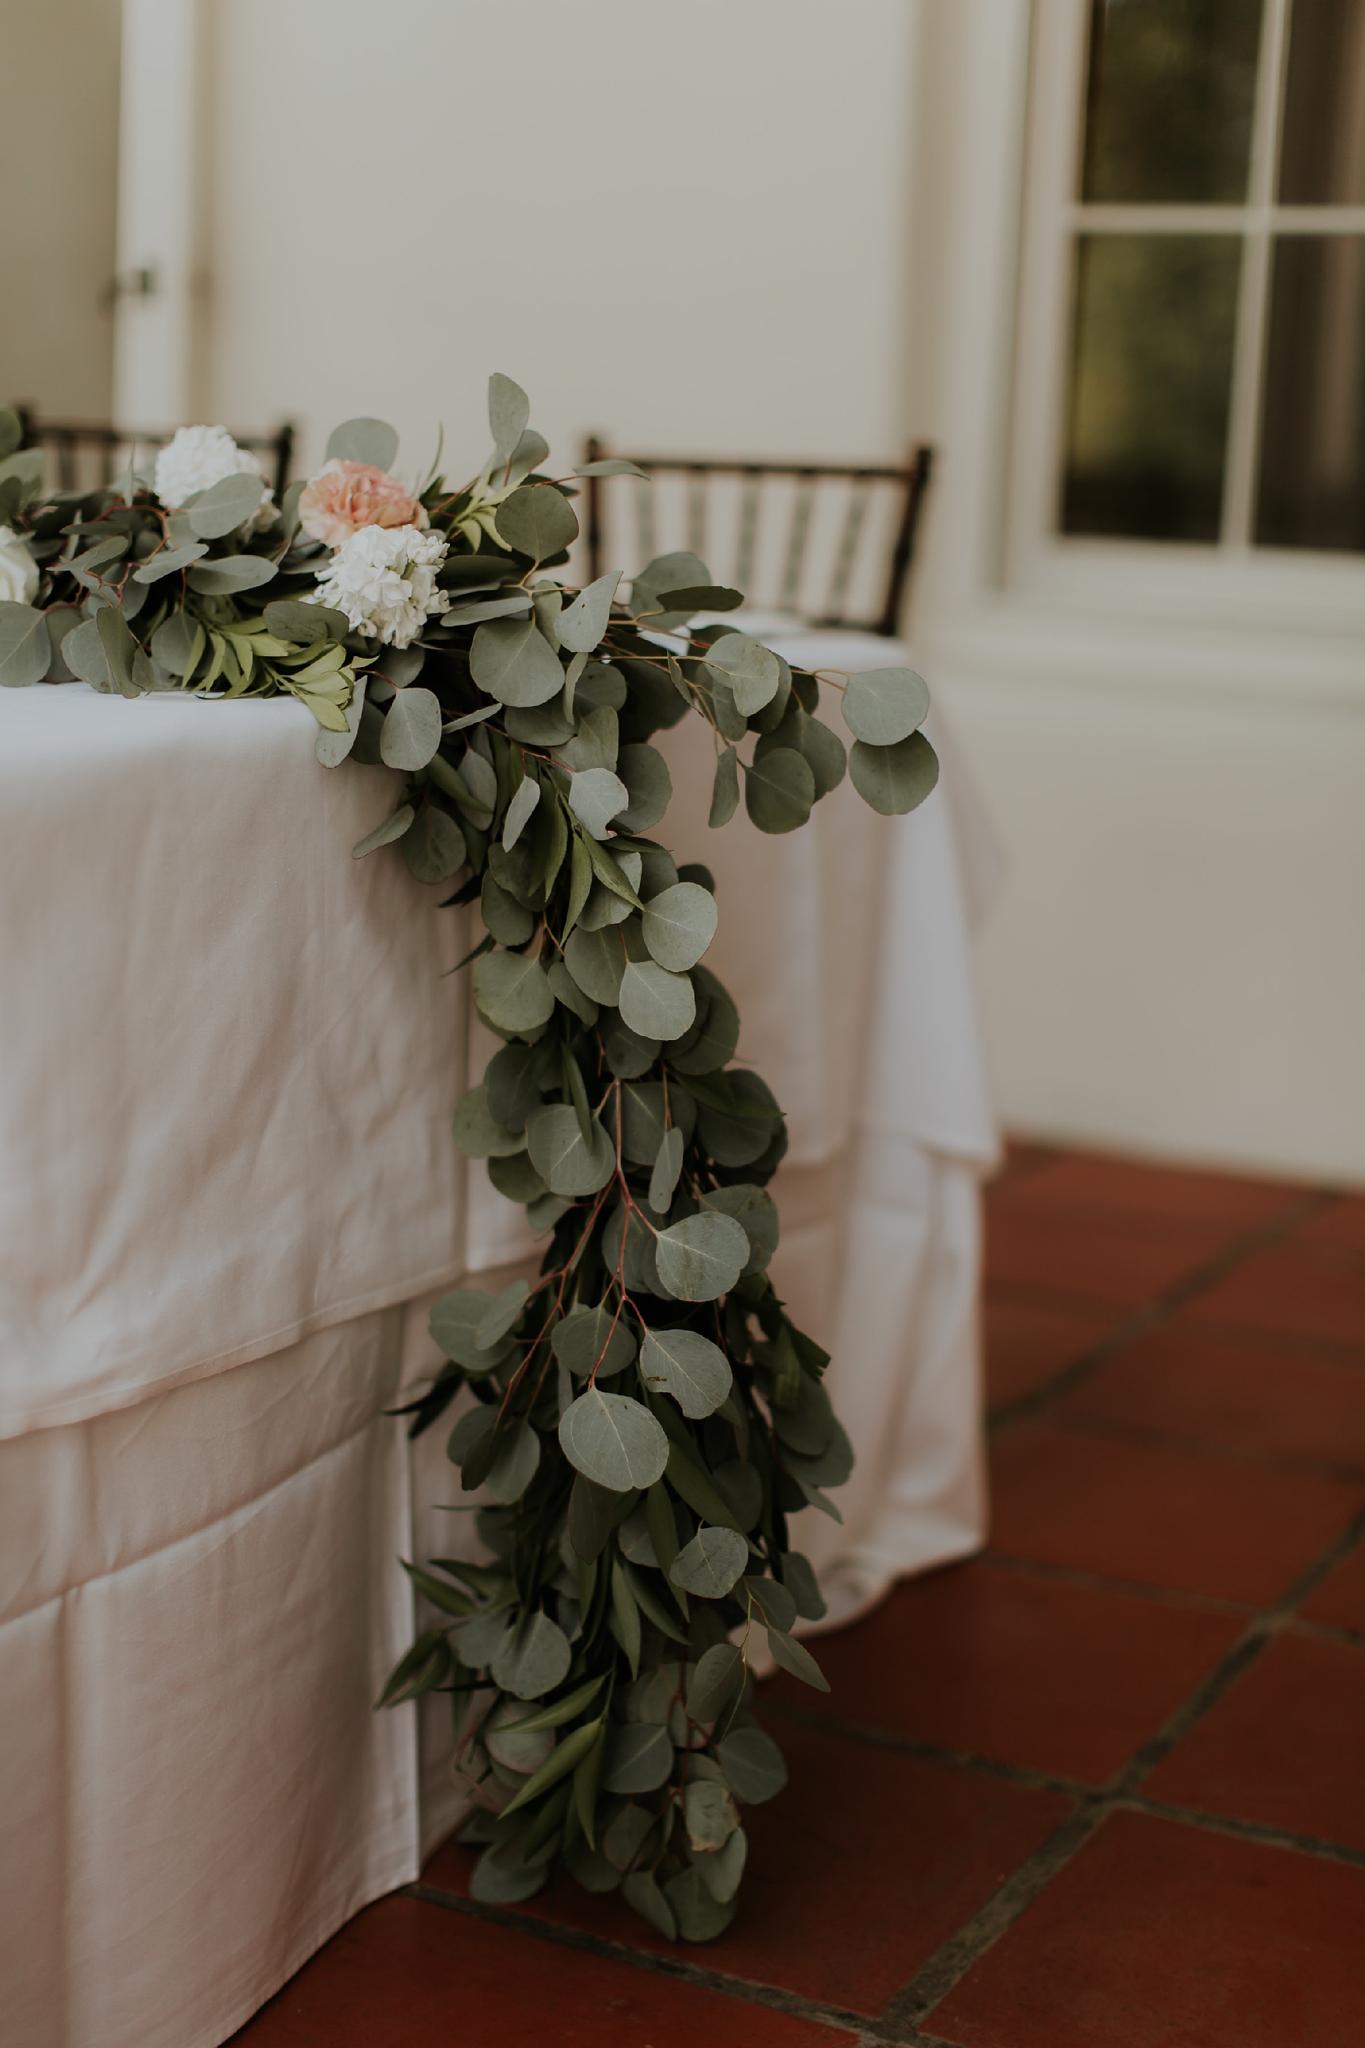 Alicia+lucia+photography+-+albuquerque+wedding+photographer+-+santa+fe+wedding+photography+-+new+mexico+wedding+photographer+-+new+mexico+florist+-+wedding+florist+-+renegade+floral_0075.jpg